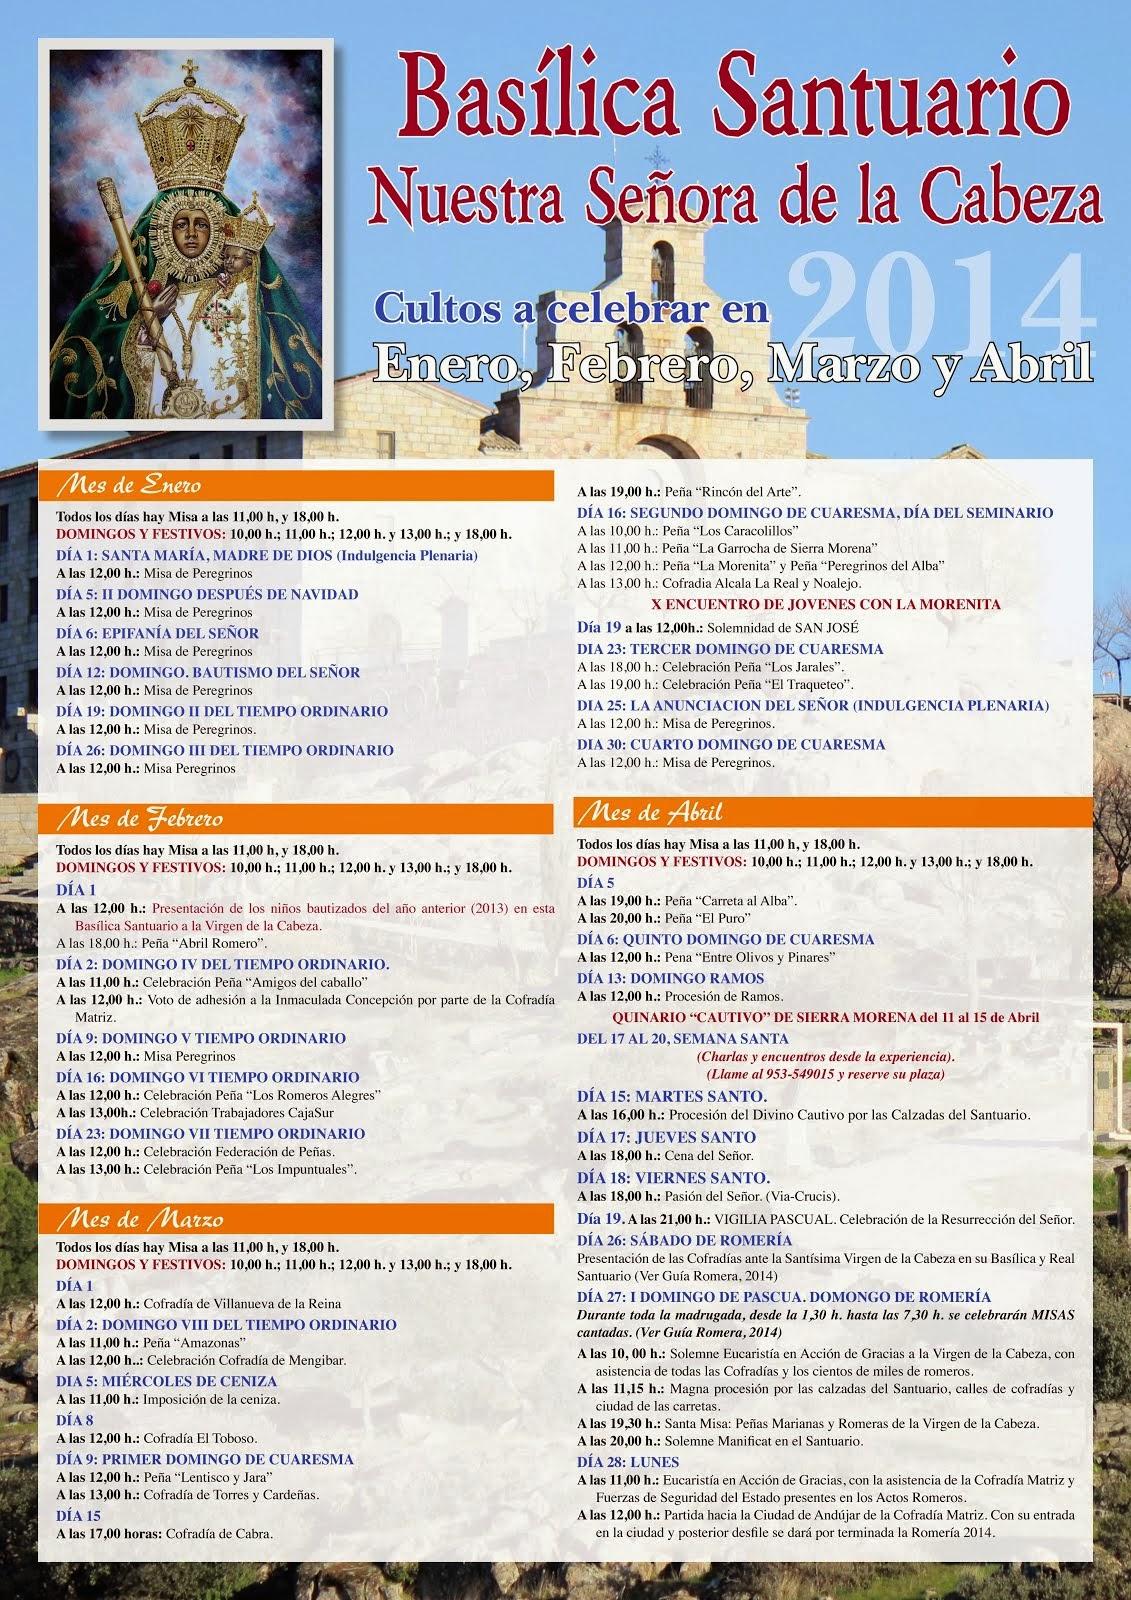 CULTOS A CELEBRAR EN SIERRA MORENA: ENERO-ABRIL 2014